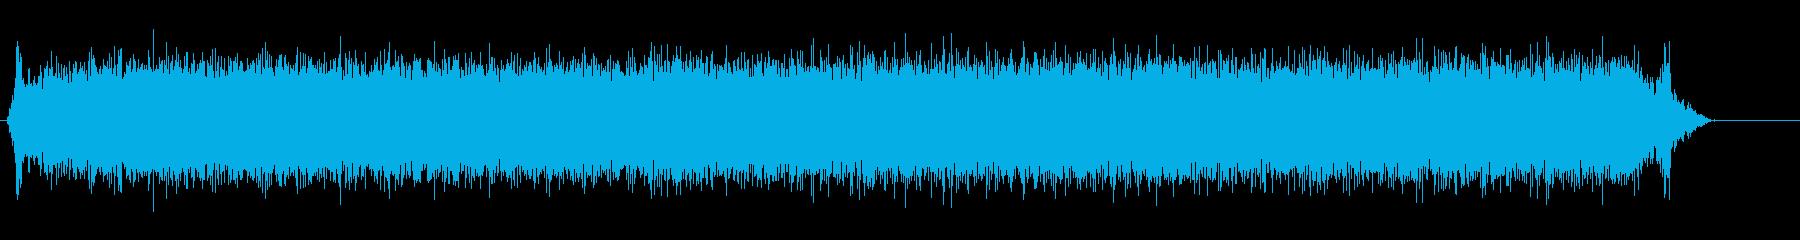 ミニフードチョッパー(オン、実行、オフ)の再生済みの波形